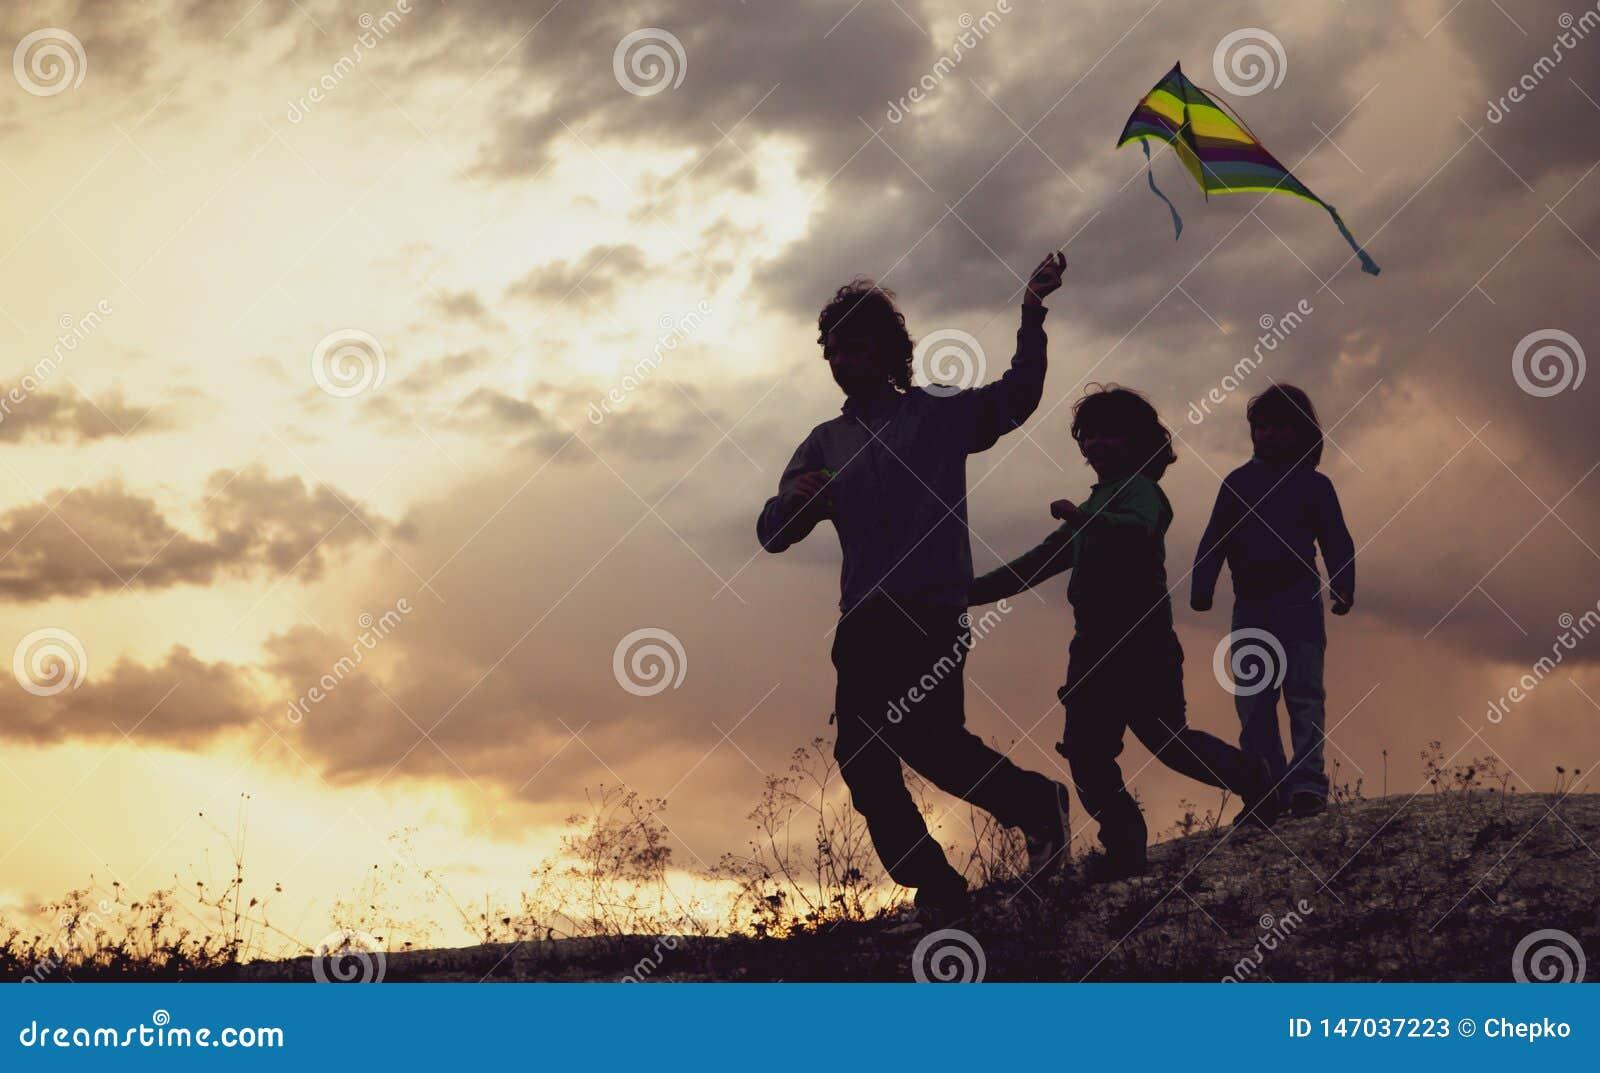 Los niños que jugaban con la cometa en prado de la puesta del sol del verano siluetearon